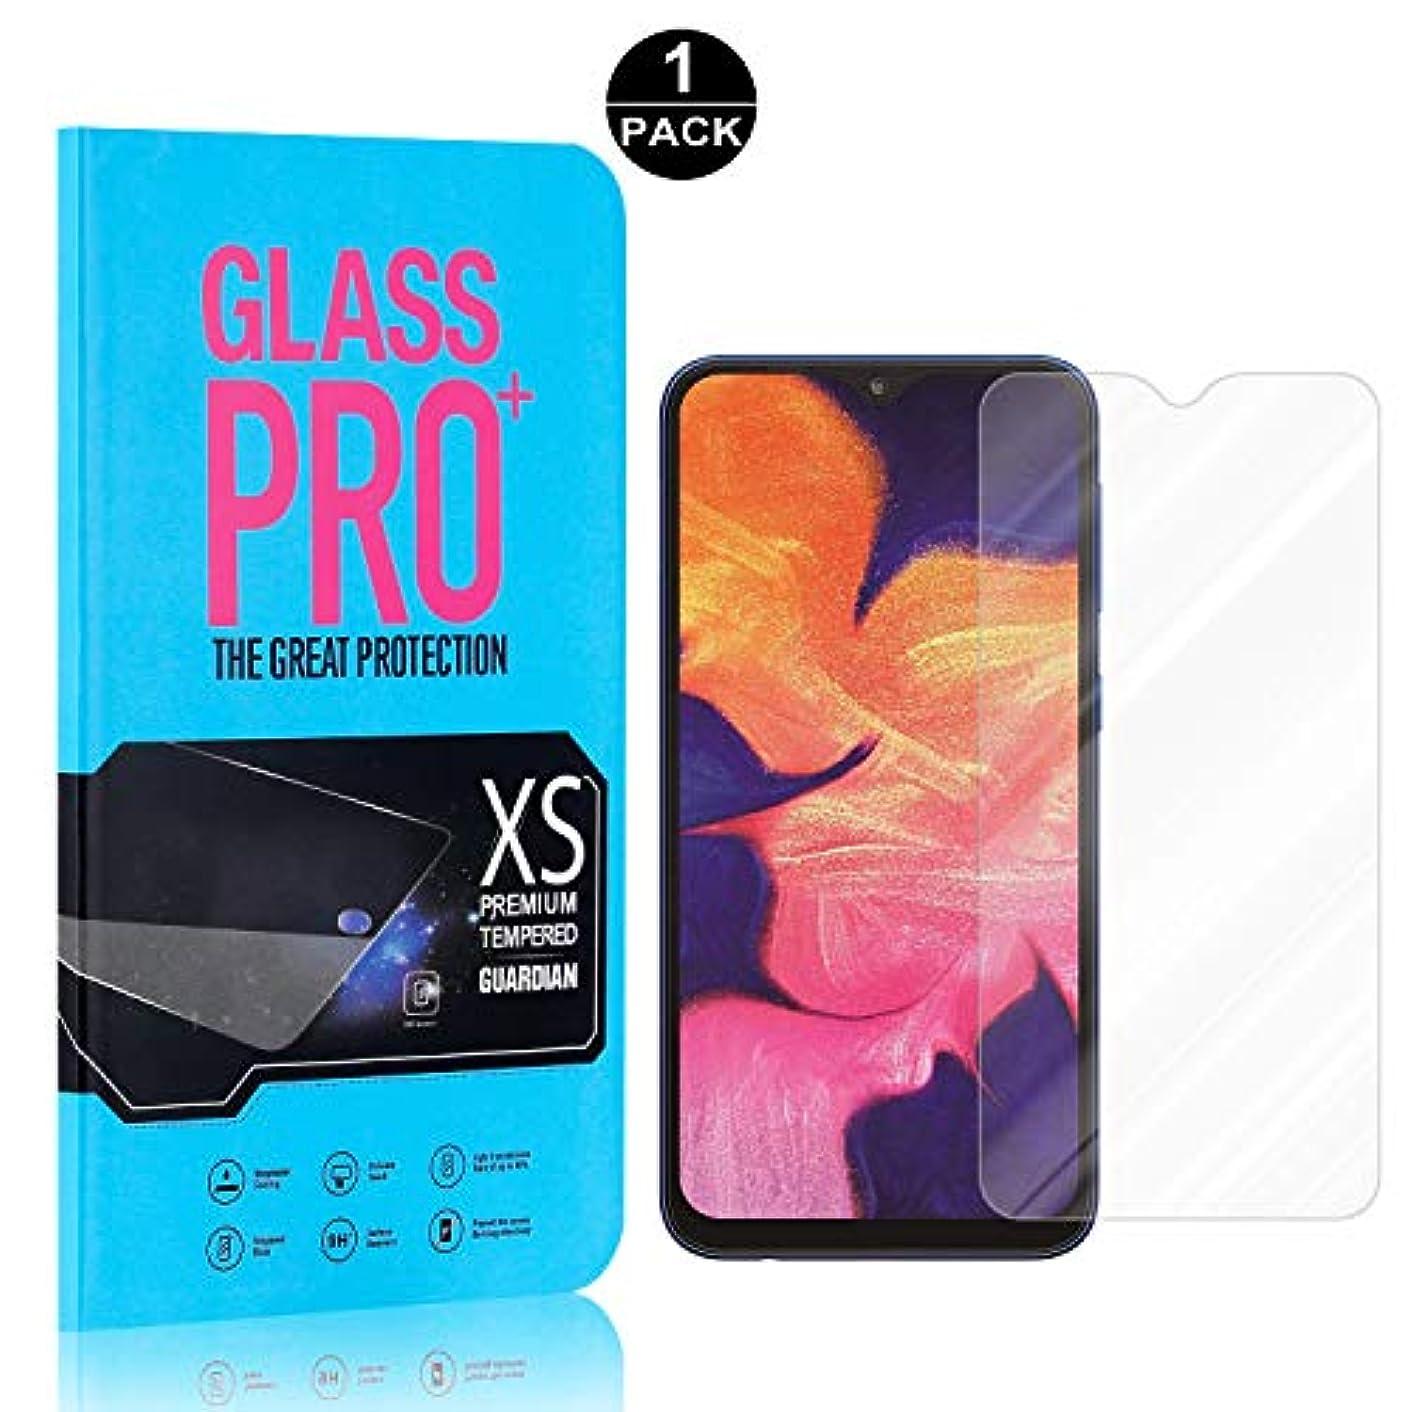 決定誰でも光景【1枚セット】 Galaxy M10 超薄 フィルム CUNUS Samsung Galaxy M10 専用設計 強化ガラスフィルム 高透明度で 気泡防止 飛散防止 硬度9H 耐衝撃 超薄0.26mm 液晶保護フィルム